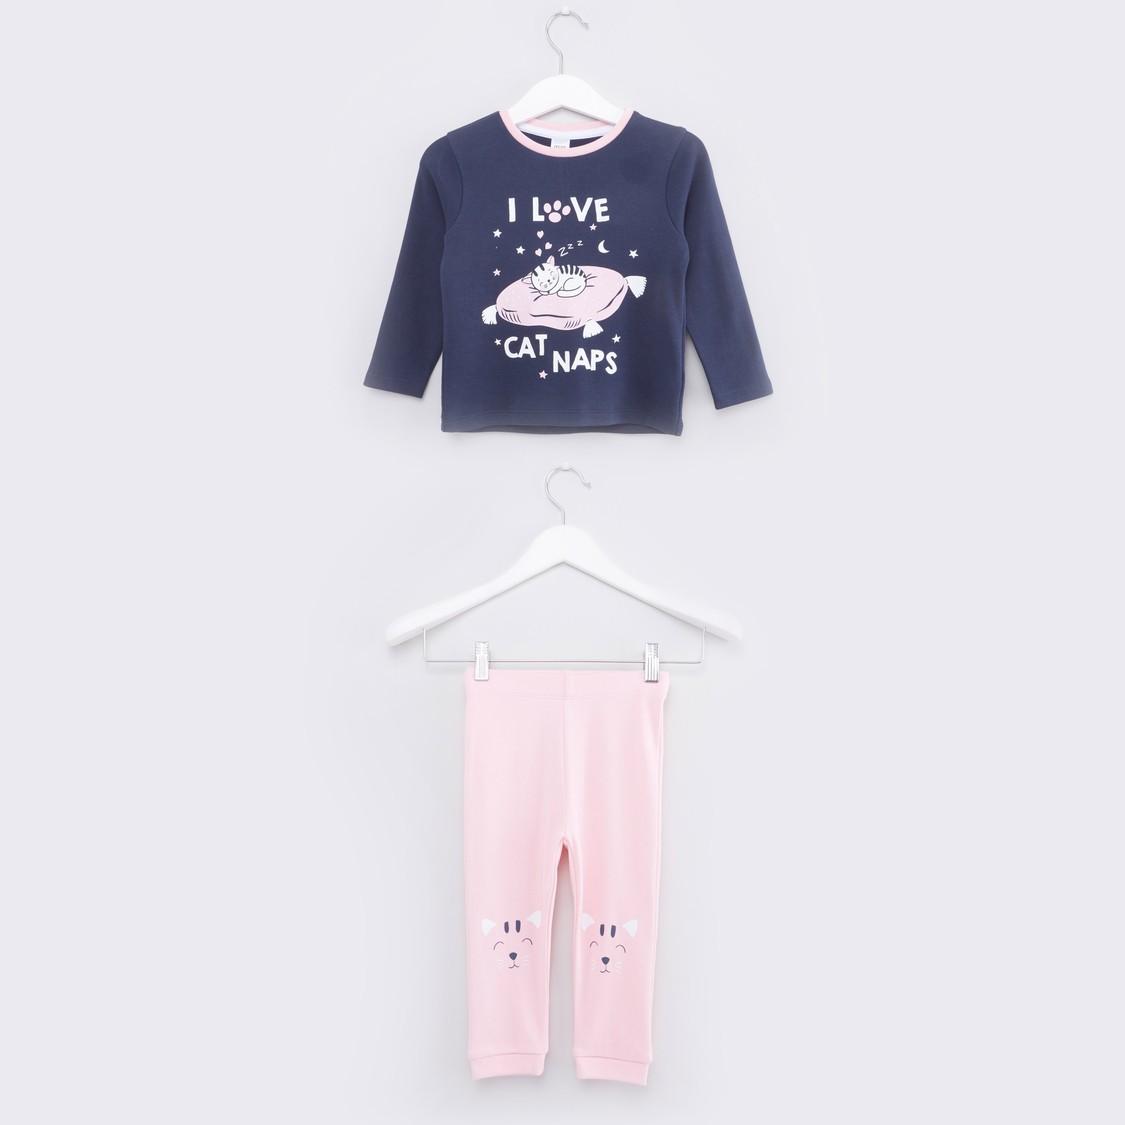 Graphic Printed Round Neck T-shirt and Pyjama Set